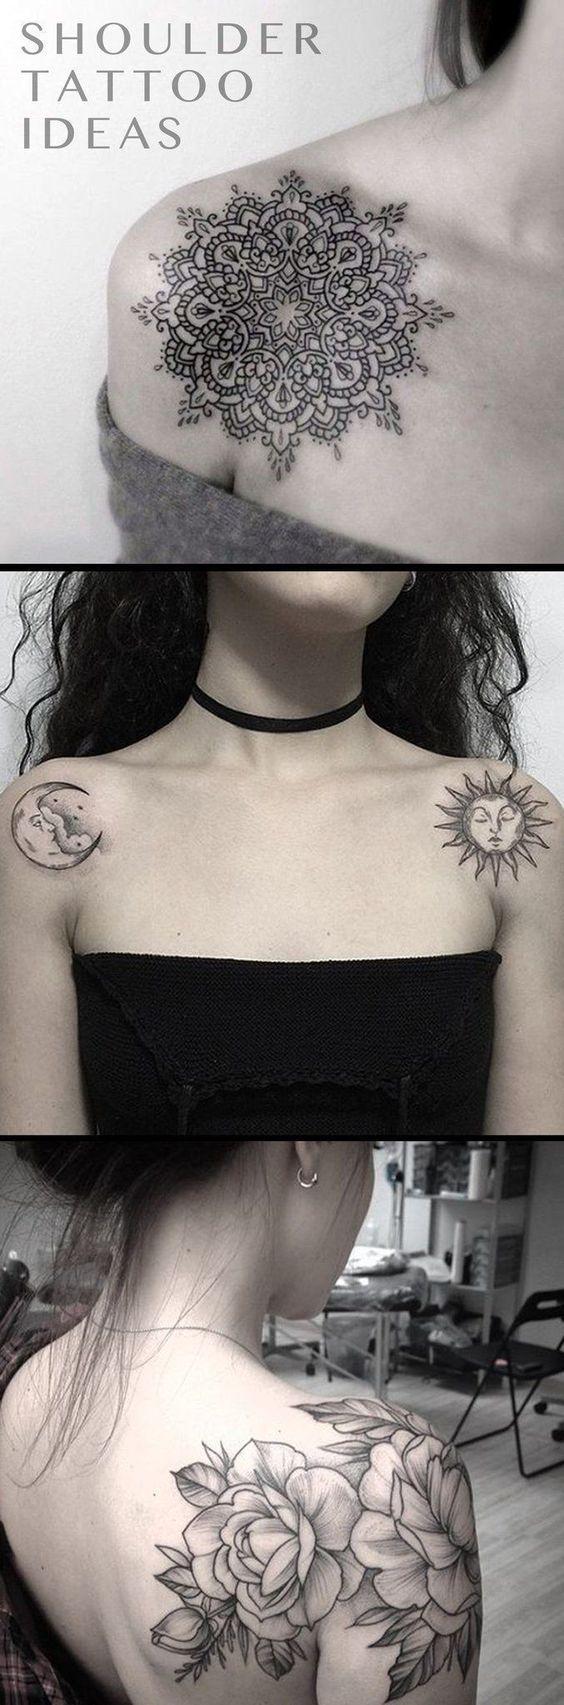 Beliebte Schulter Tattoo Ideen für Frau – schwarz und weiß ...